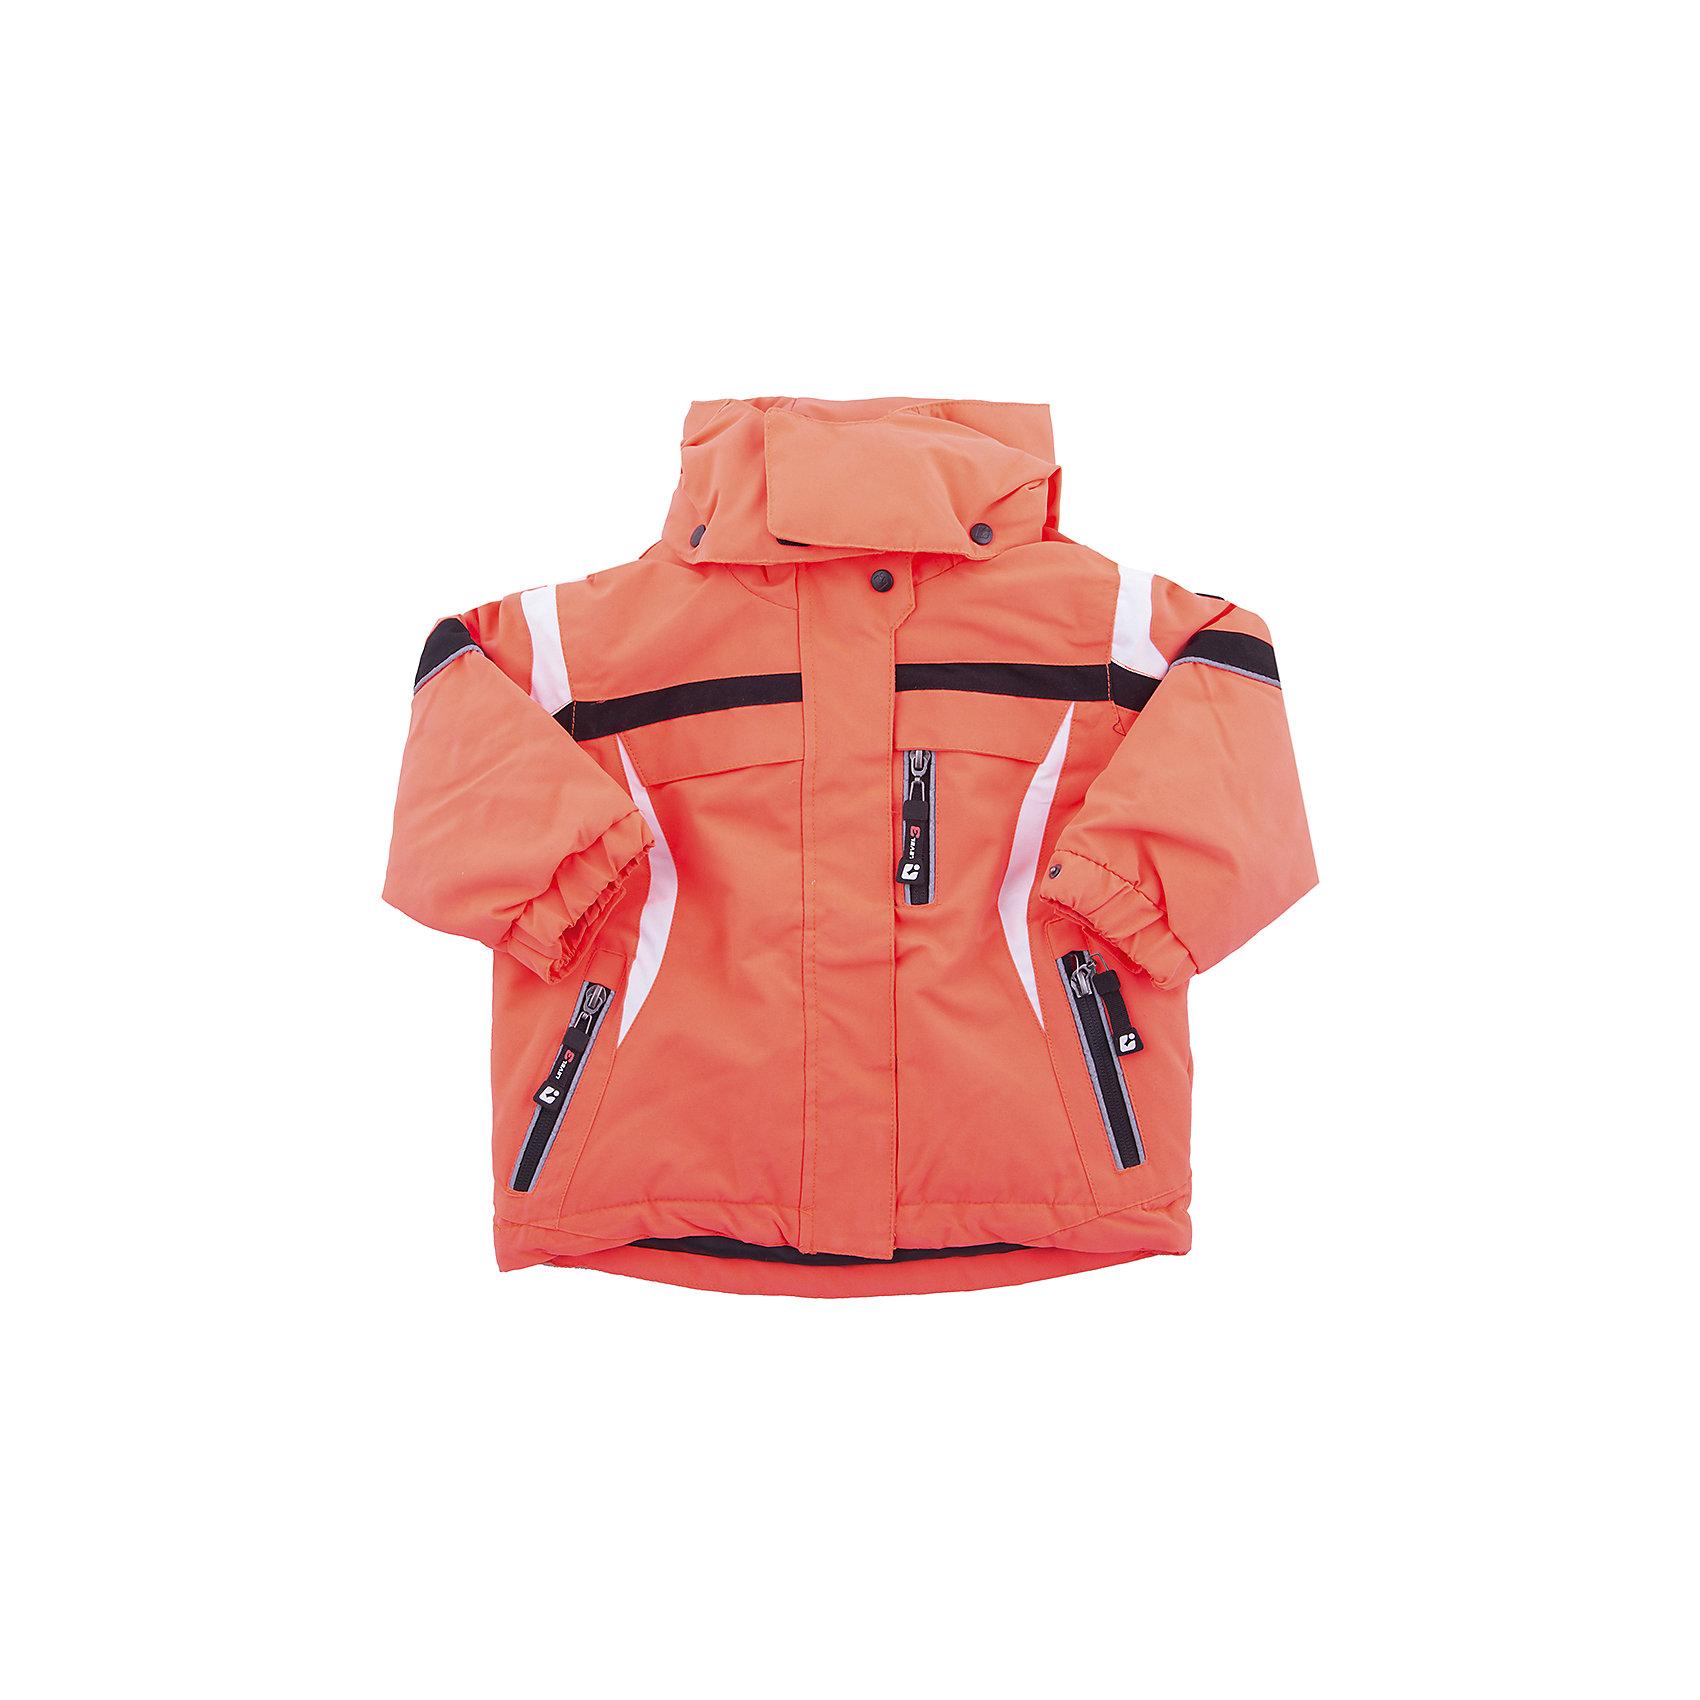 Куртка KilltecКуртка от известного немецкого бренда Killtec <br><br>Яркая спортивная куртка идеально подойдет для спорта и активного отдыха в холодное время года. Все её детали тщательно проработаны, швы отличаются превосходным качеством. Куртка оснащена множеством элементов, которые помогут наслаждаться зимней погодой с потрясающим комфортом.<br><br>Особенности модели:<br><br>- материал - плотный;<br>- цвет - оранжевый;<br>- застежка - молния, клапан на кнопках;<br>- капюшон отстегивается;<br>- карманы на молниях;<br>- внутренняя юбочка для защиты от снега;<br>- воздухопроницаемость - 3000 г/м2/24 ч;<br>- водонепроницаемость - 3000 мм;<br>- защита от ветра  - максимальная;<br>- светоотражающие элементы;<br>- в рукавах - резинки;<br>- удлиненная спинка.<br><br>Дополнительная информация:<br><br>Состав: <br><br>верх - 100% полиэстер;<br>наполнитель - 100% полиэстер;<br>подкладка - 100% полиэстер.<br><br><br>Температурный режим:<br><br>от - 15°С до 0°С<br><br>Куртку от известного немецкого бренда Killtec (Килтек) можно купить в нашем магазине.<br><br>Ширина мм: 356<br>Глубина мм: 10<br>Высота мм: 245<br>Вес г: 519<br>Цвет: разноцветный<br>Возраст от месяцев: 84<br>Возраст до месяцев: 96<br>Пол: Унисекс<br>Возраст: Детский<br>Размер: 128,92,104,116<br>SKU: 4242042